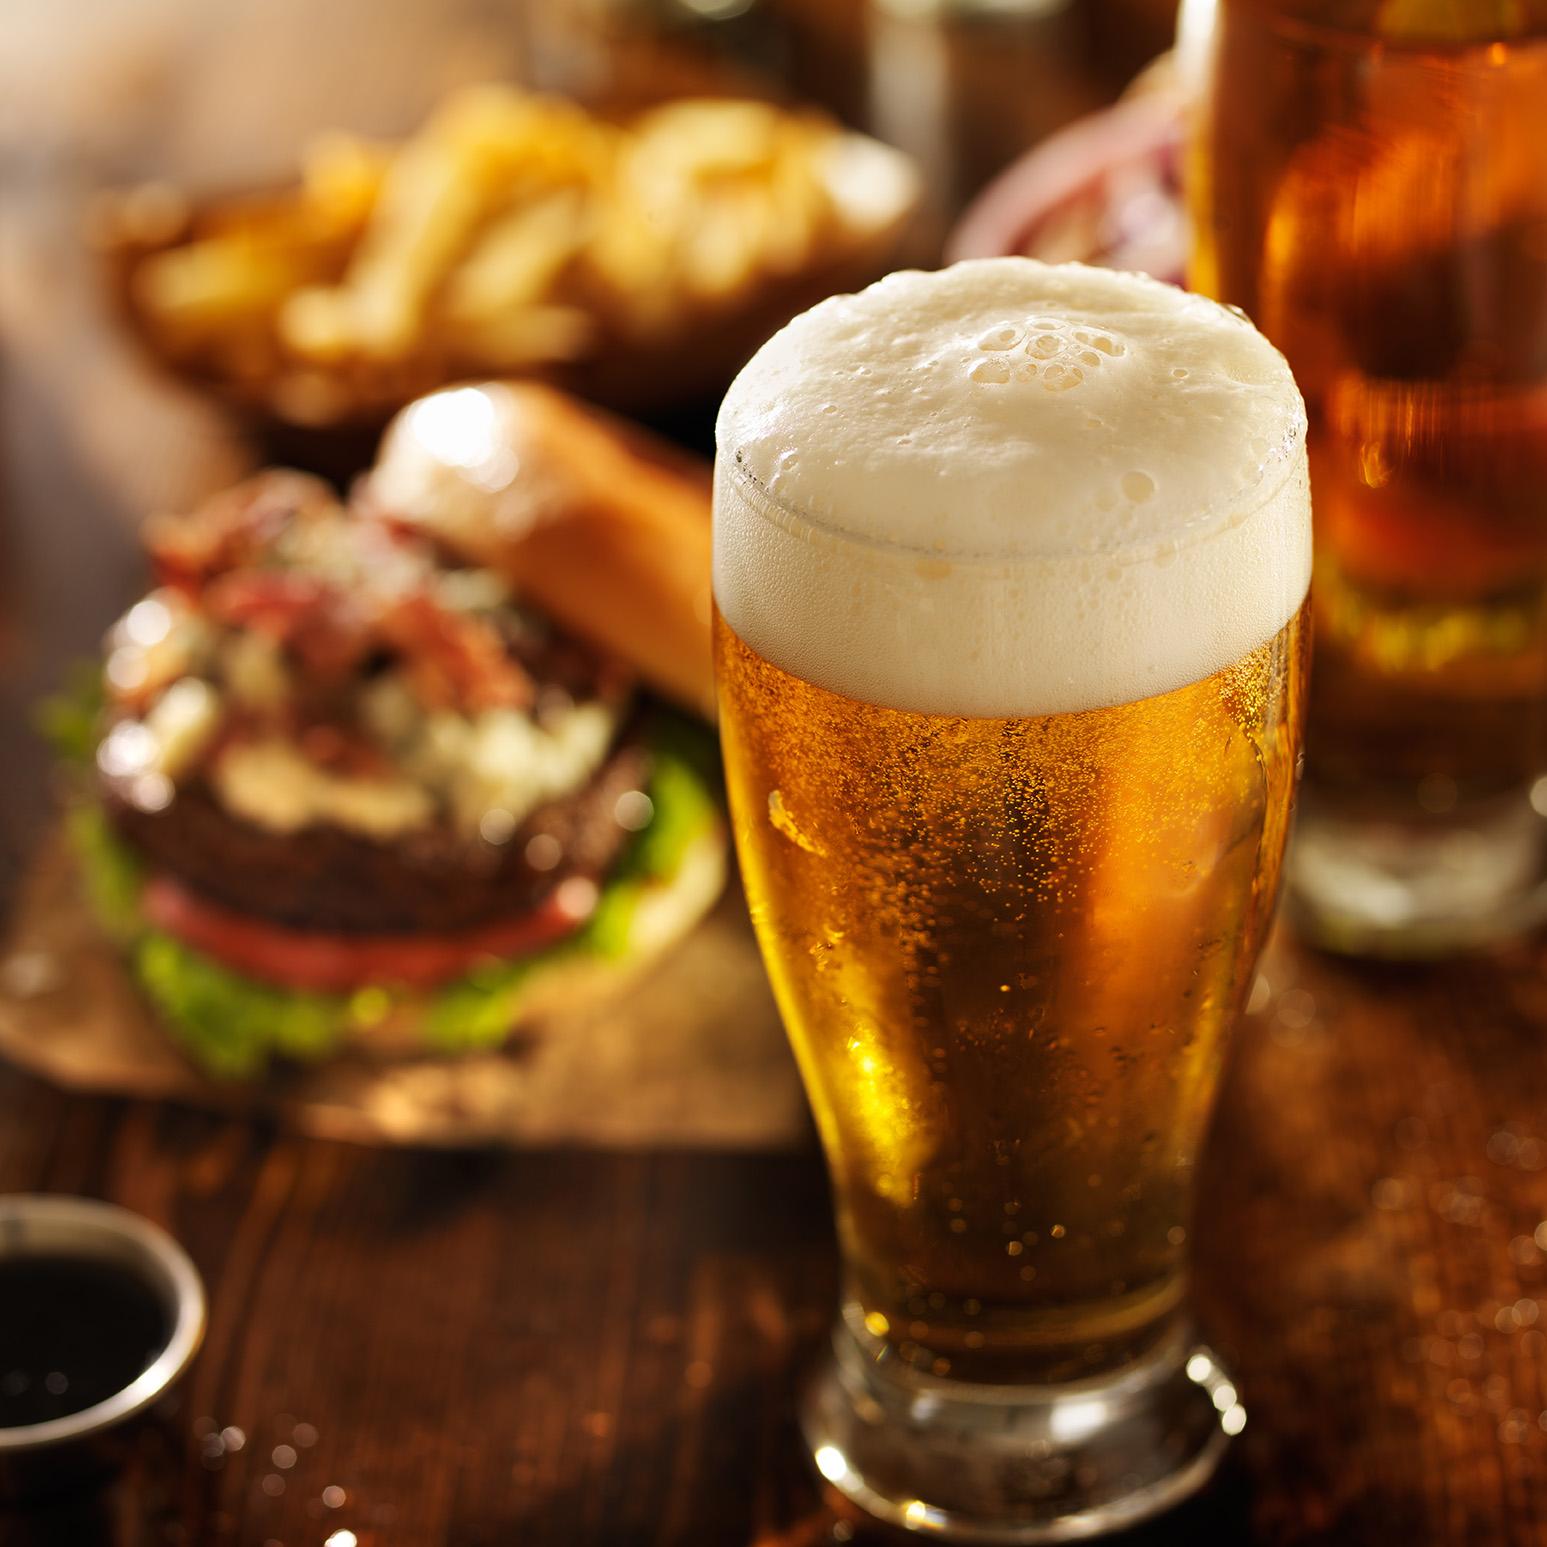 Birra bevanda sociale, da sempre simbolo di amicizia e condivisione